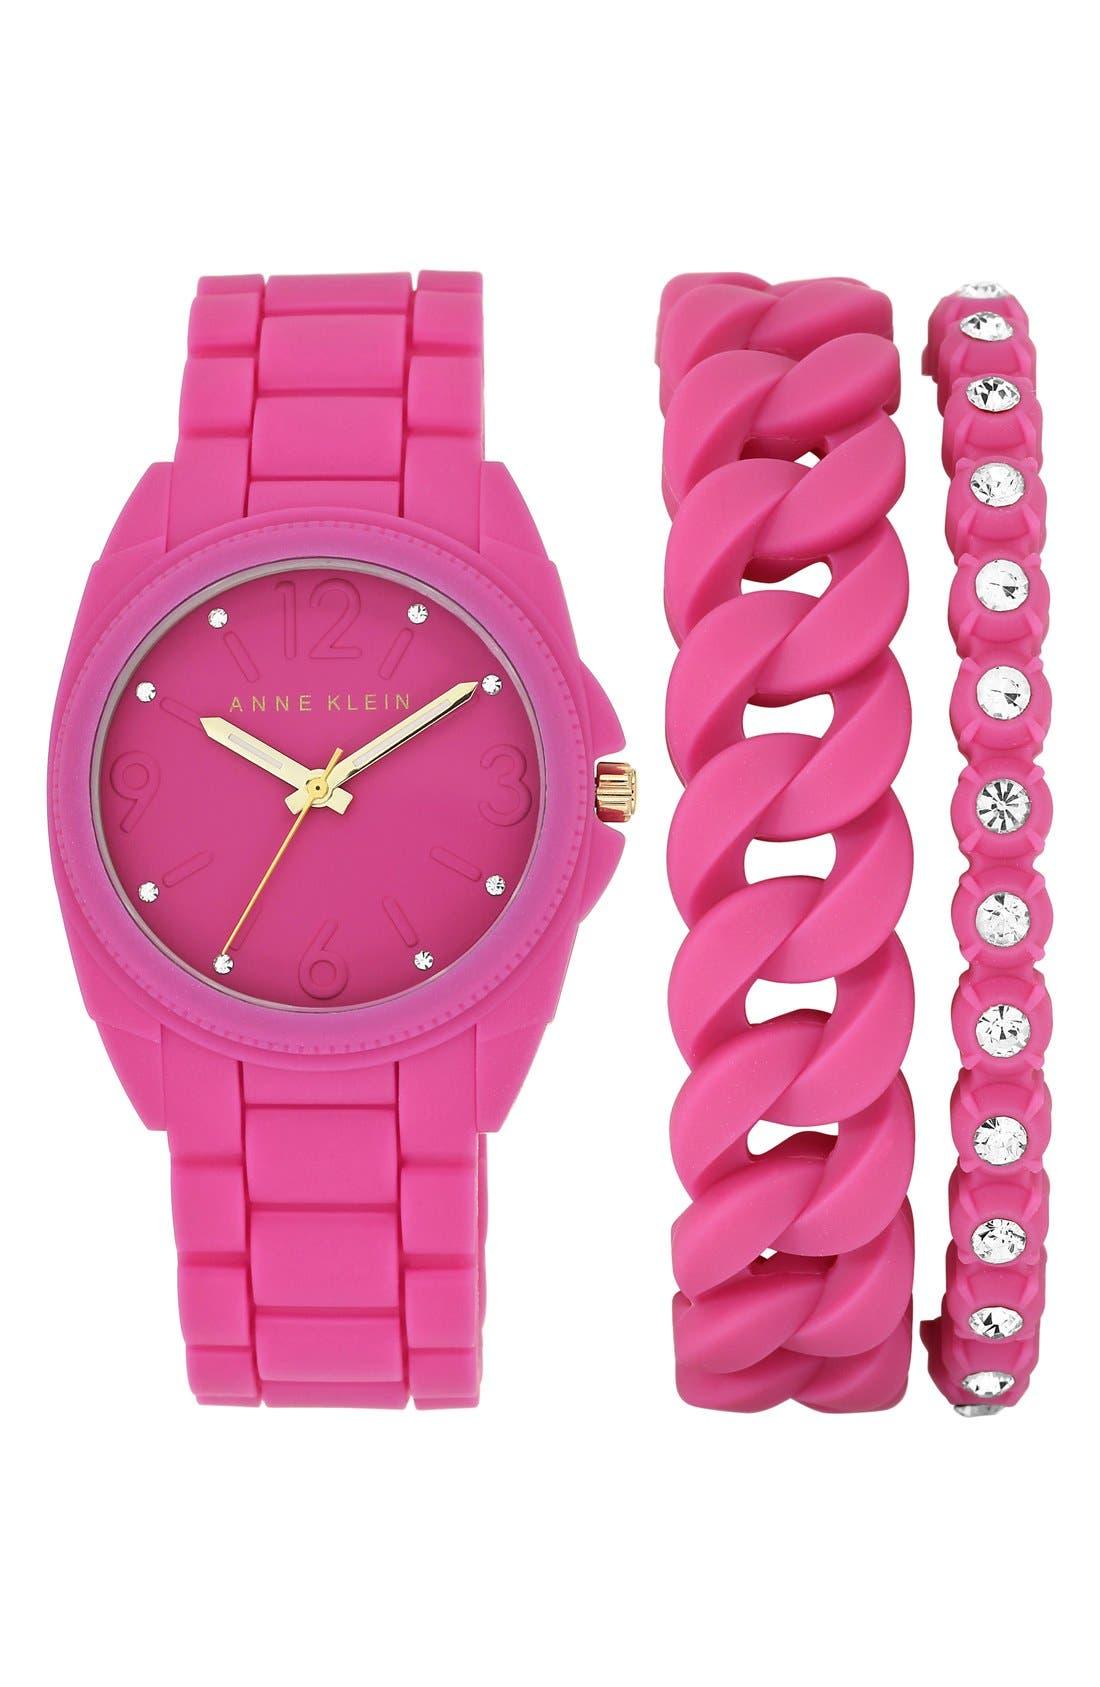 Main Image - Anne Klein Silicone Bracelet Watch Set, 36mm